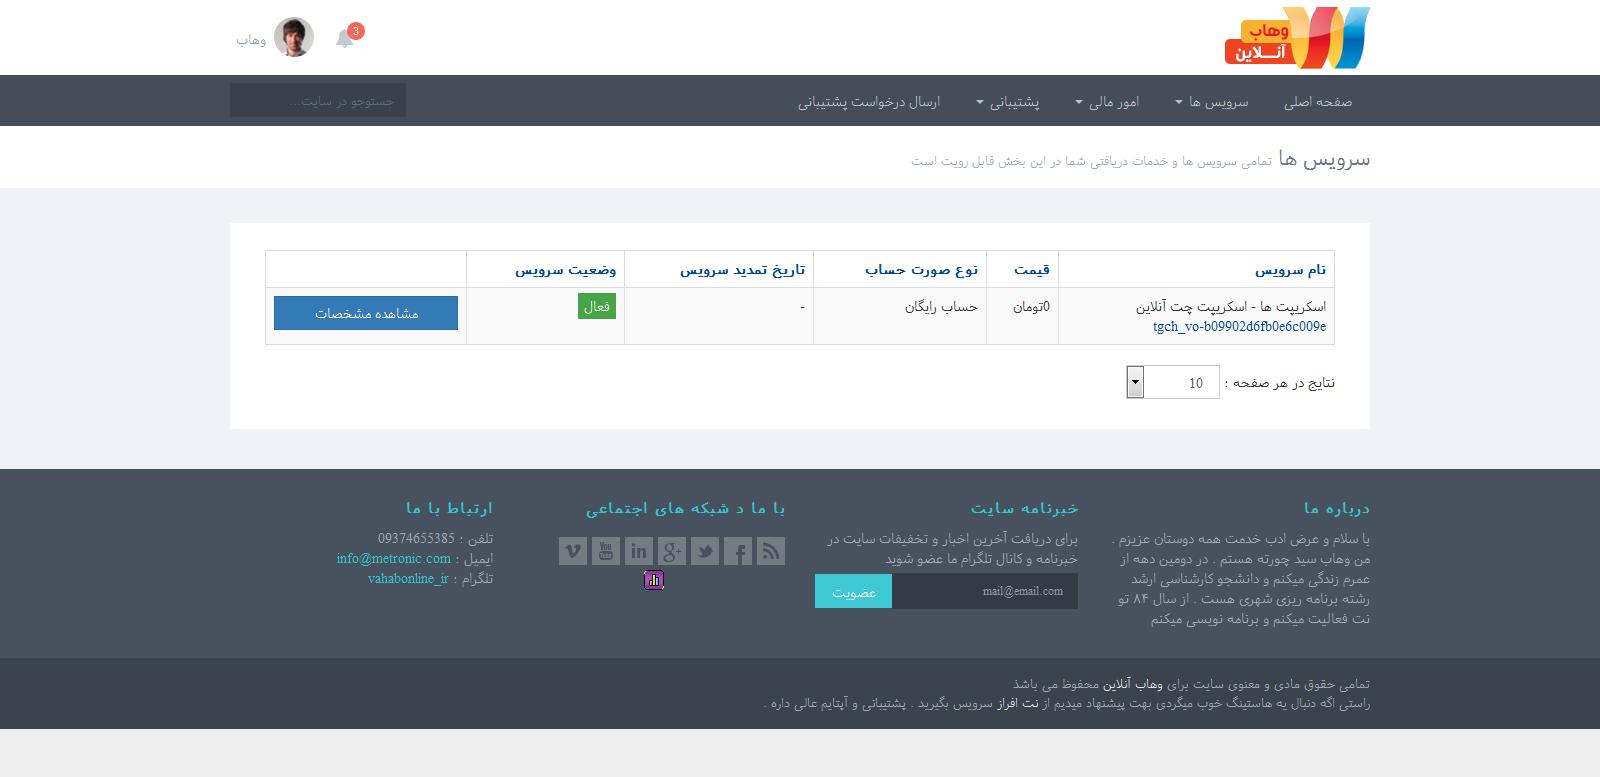 قالب فروش محصولات مجازی و پشتیبانی